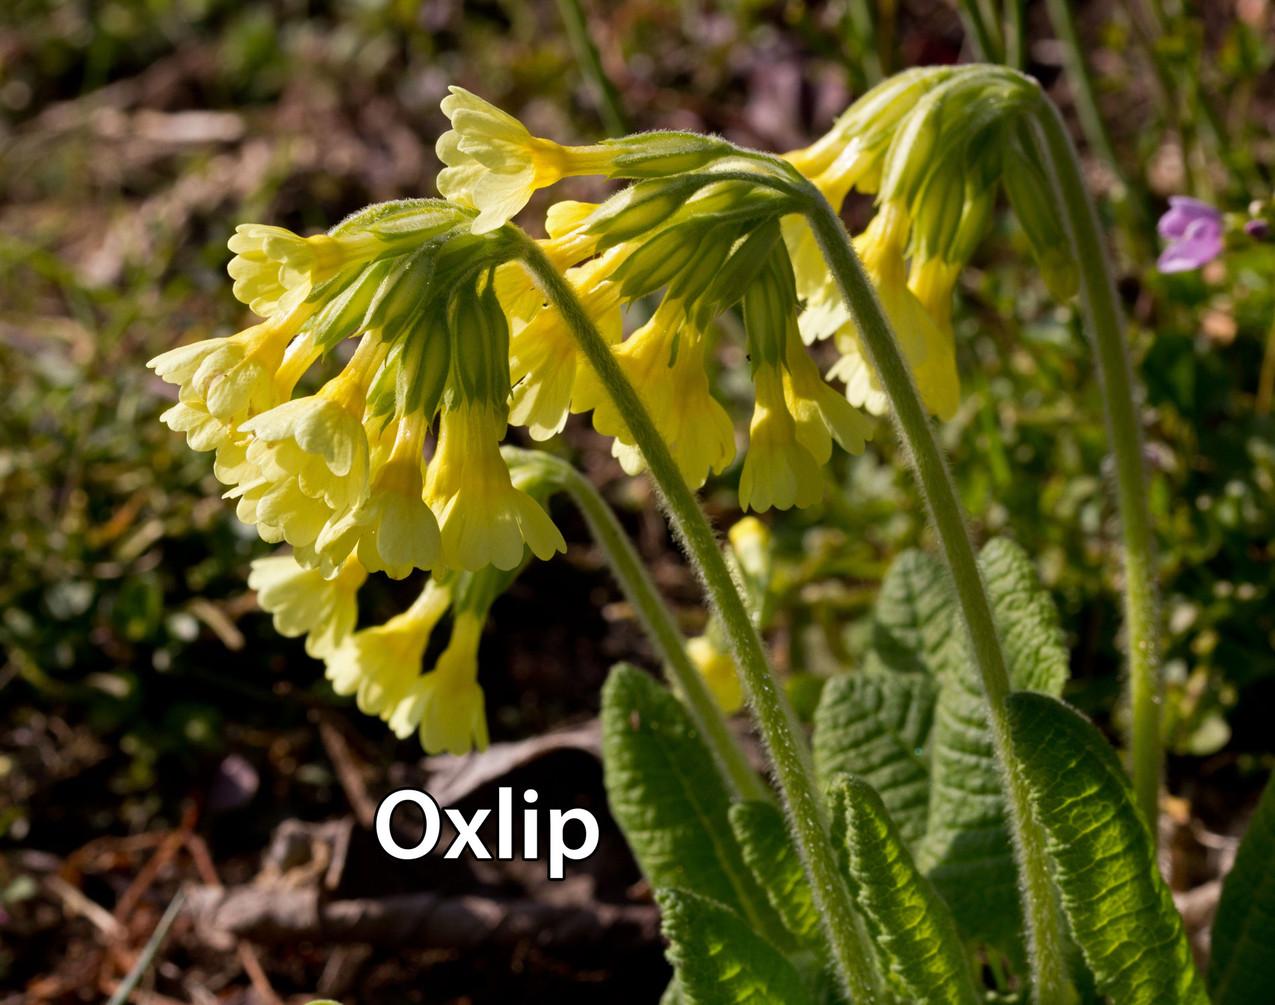 Oxlips-1-txt